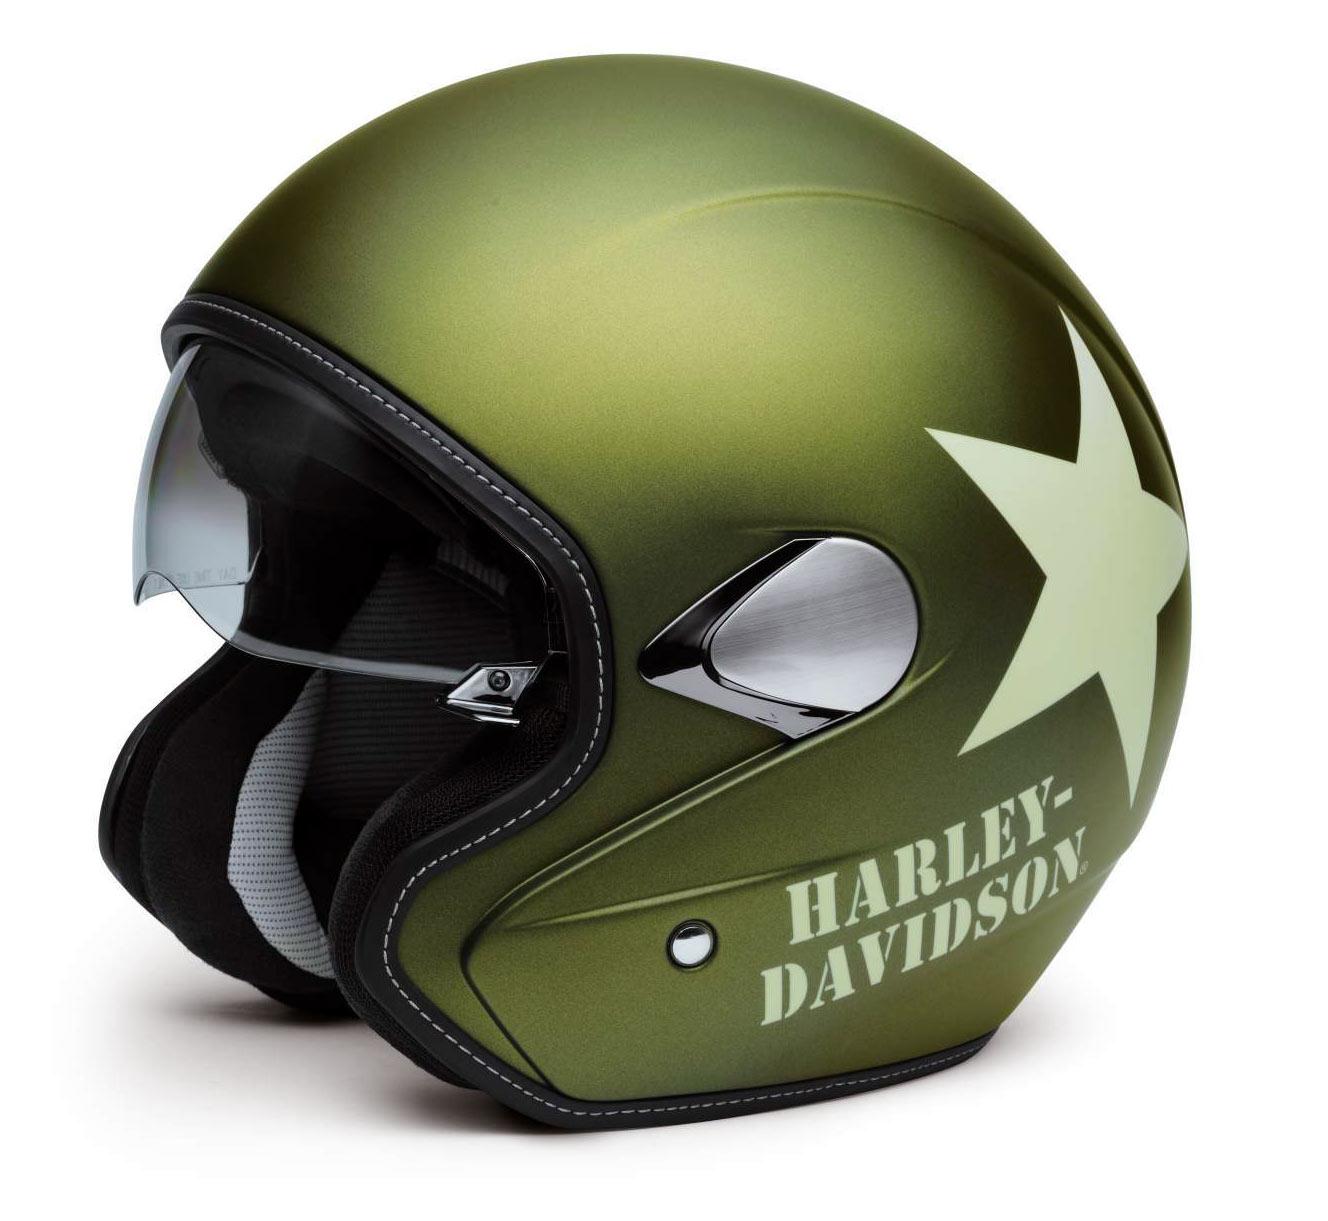 3 4 helma military retro harley davidson 98241 16em harley davidson brno. Black Bedroom Furniture Sets. Home Design Ideas